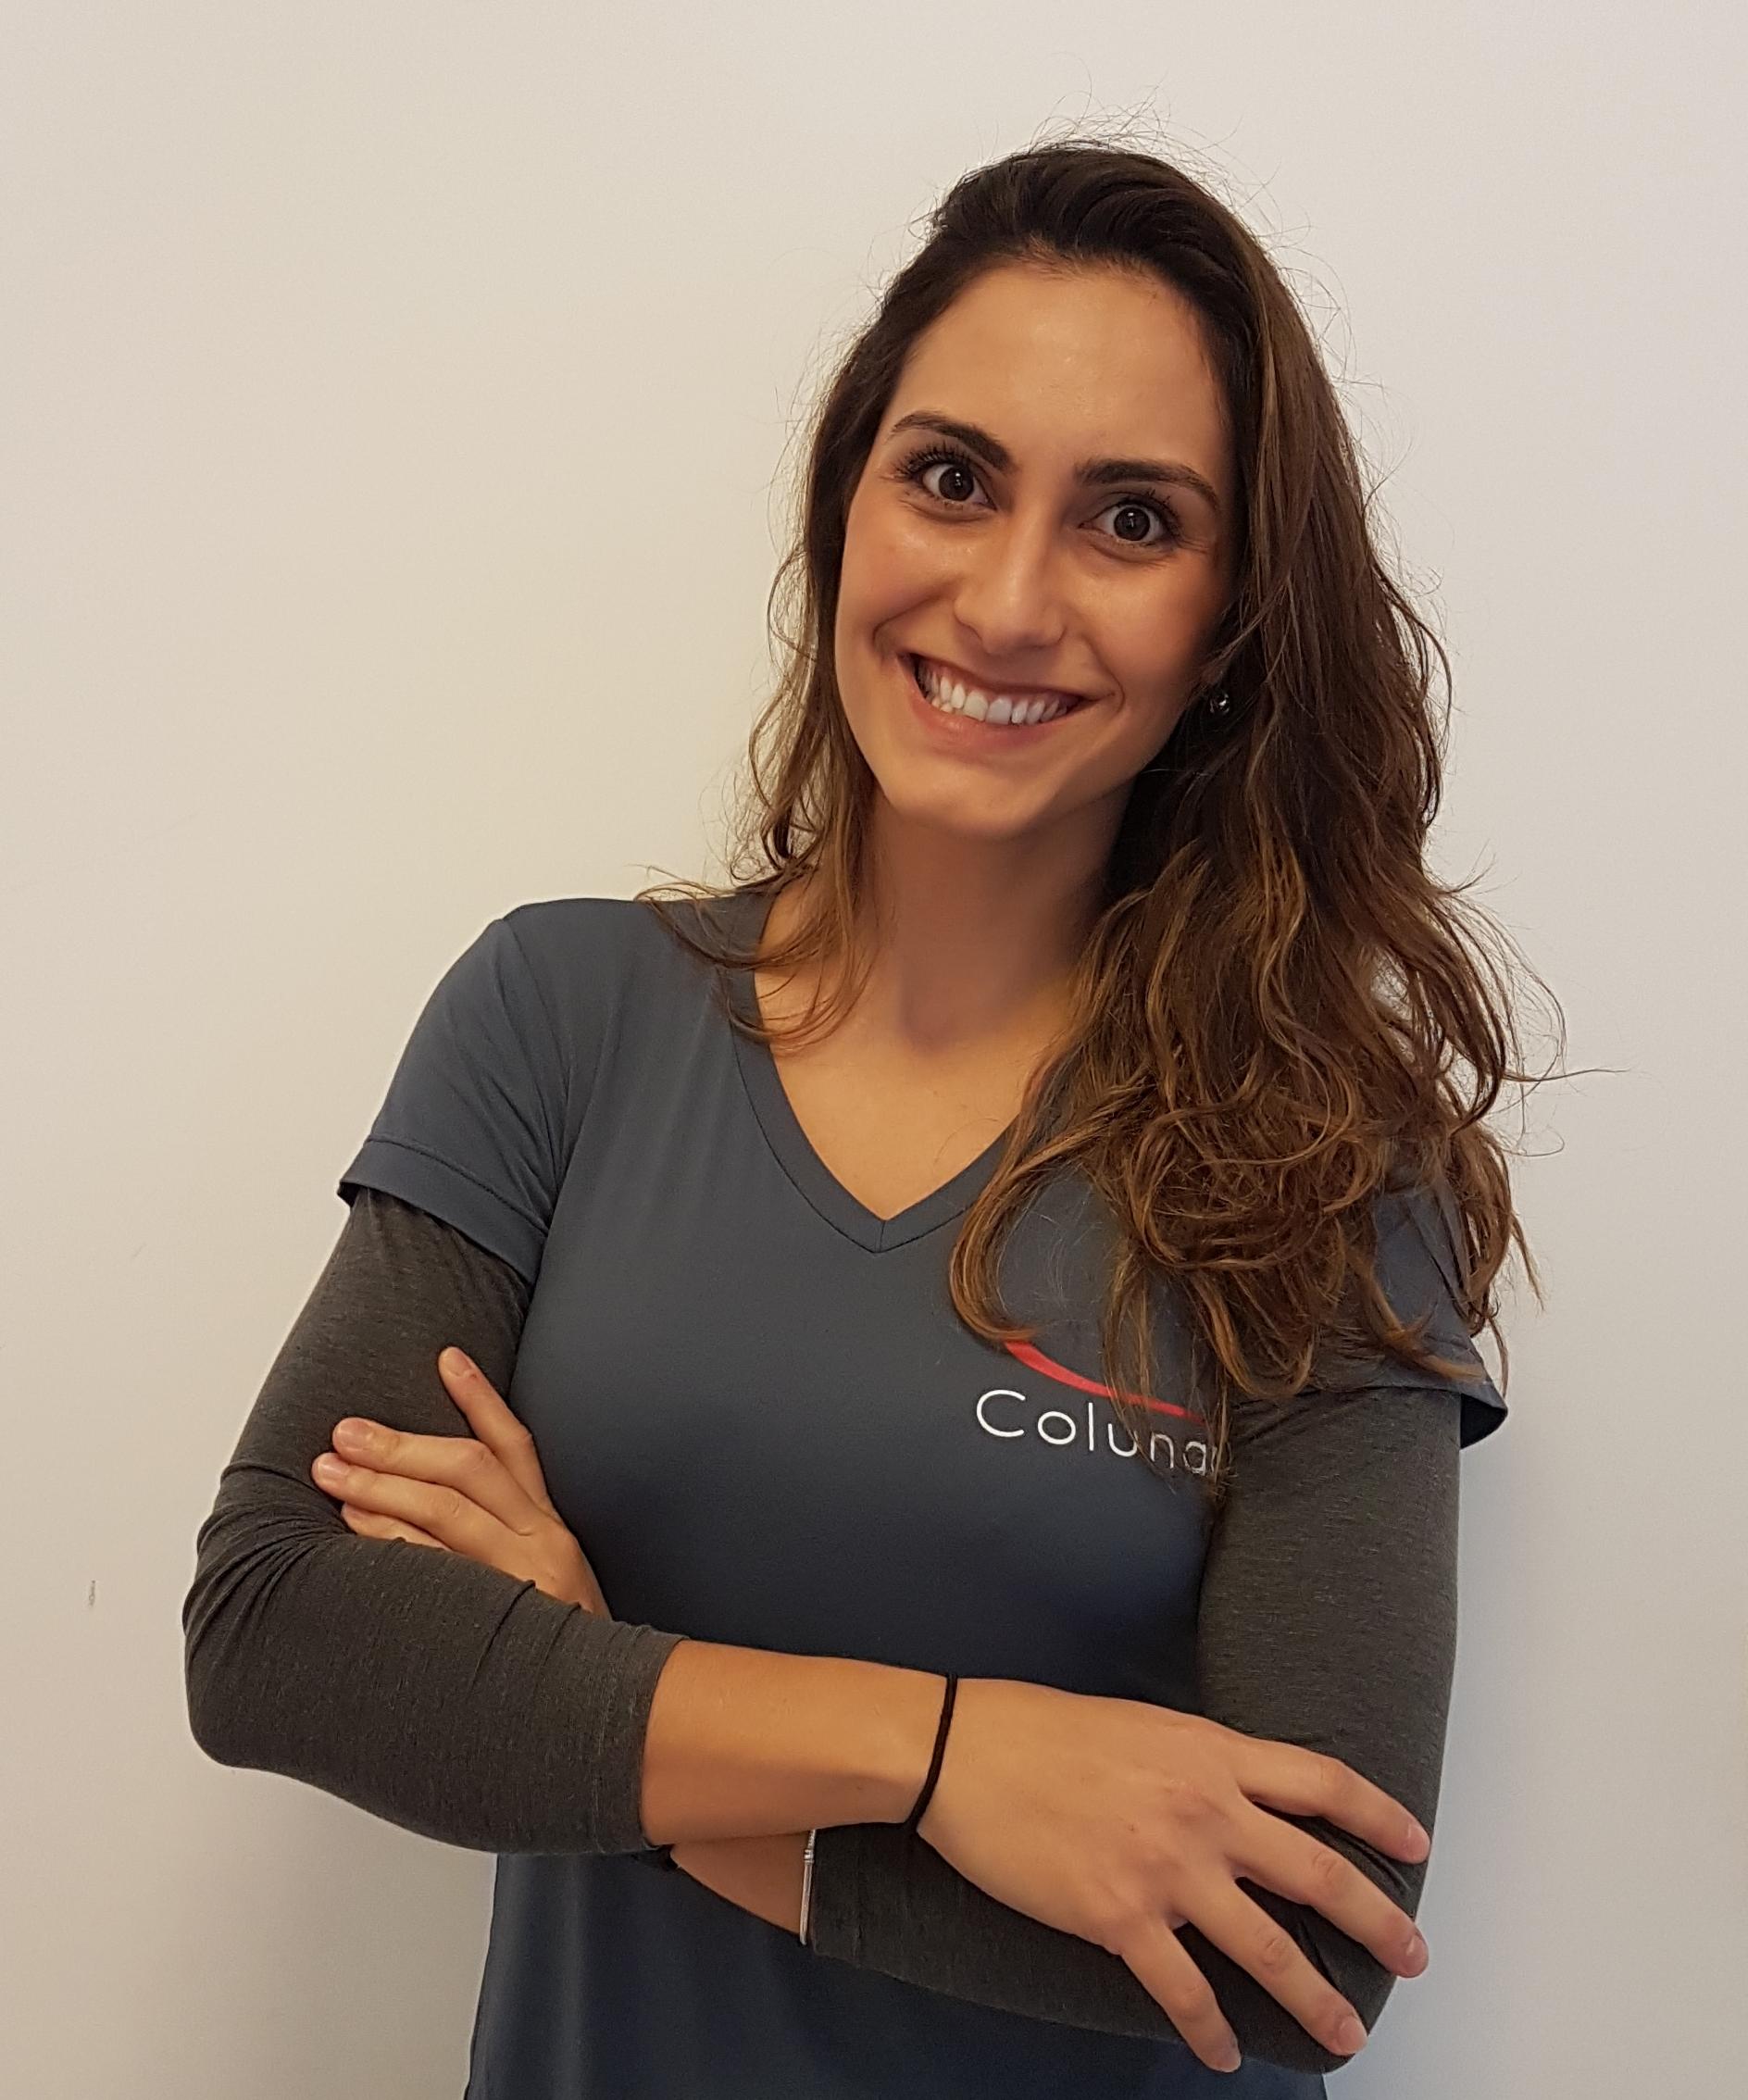 Nathália Morano Candeloro